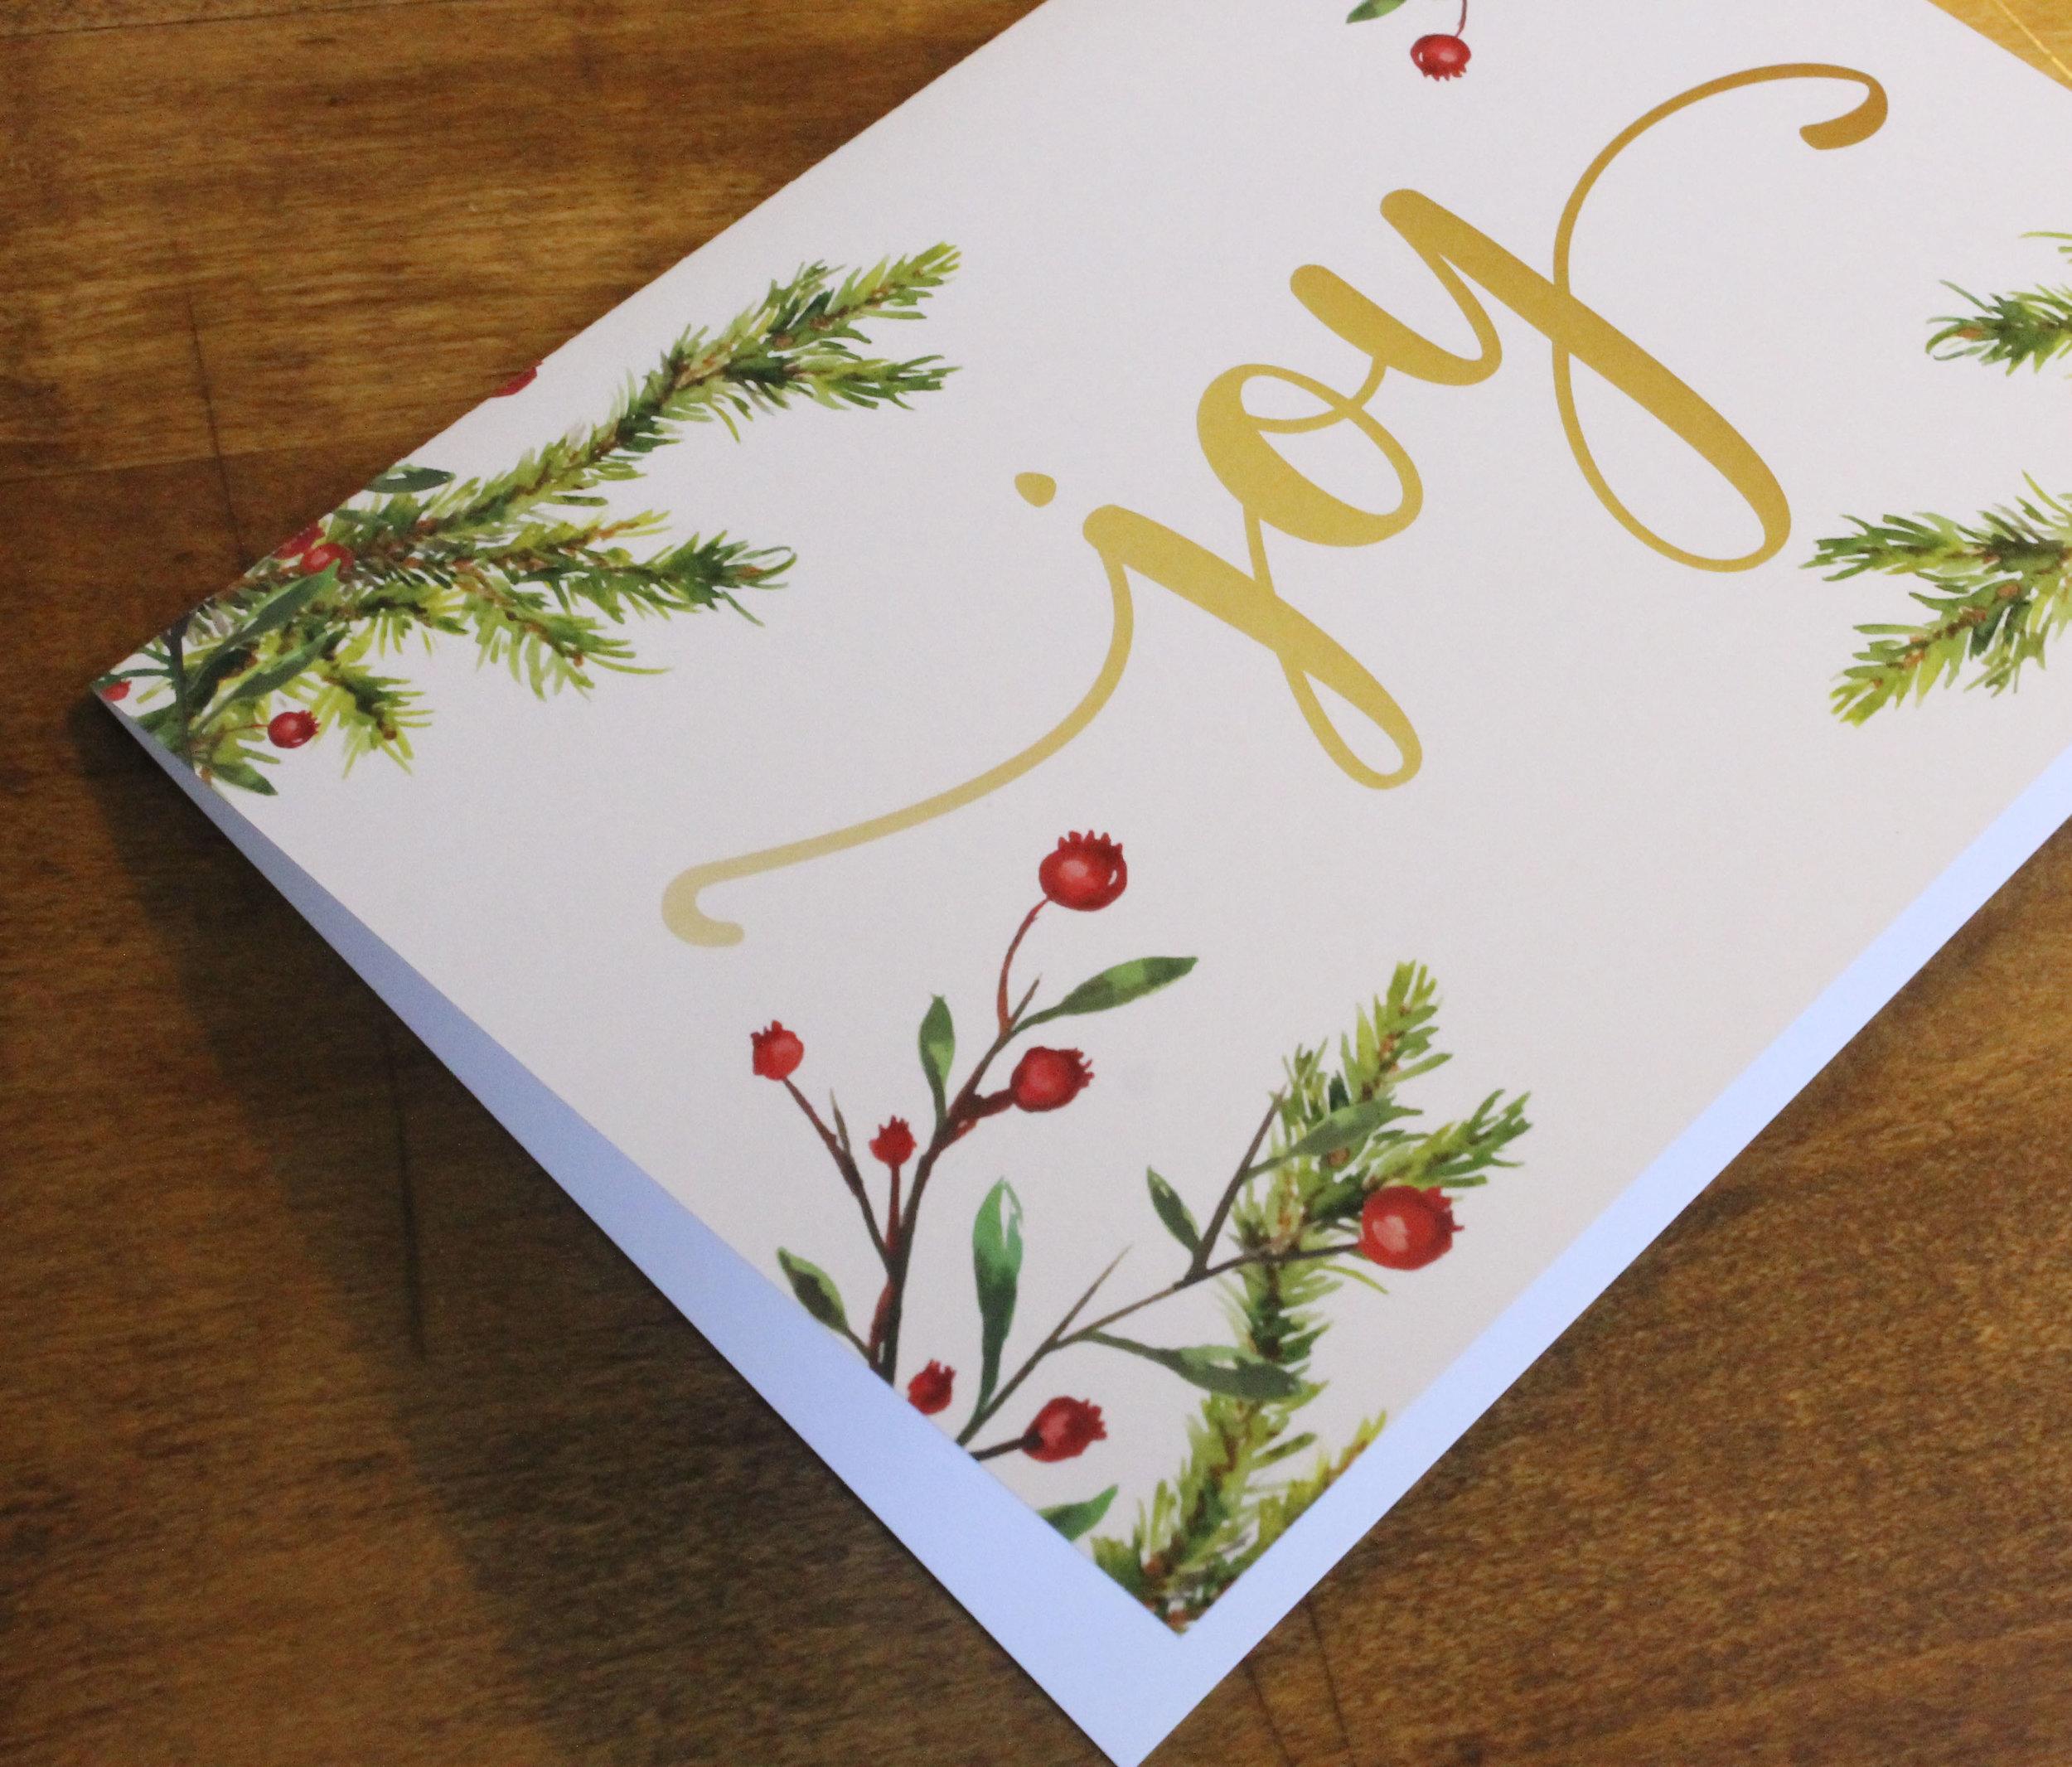 Holiday Card Joy Greenery